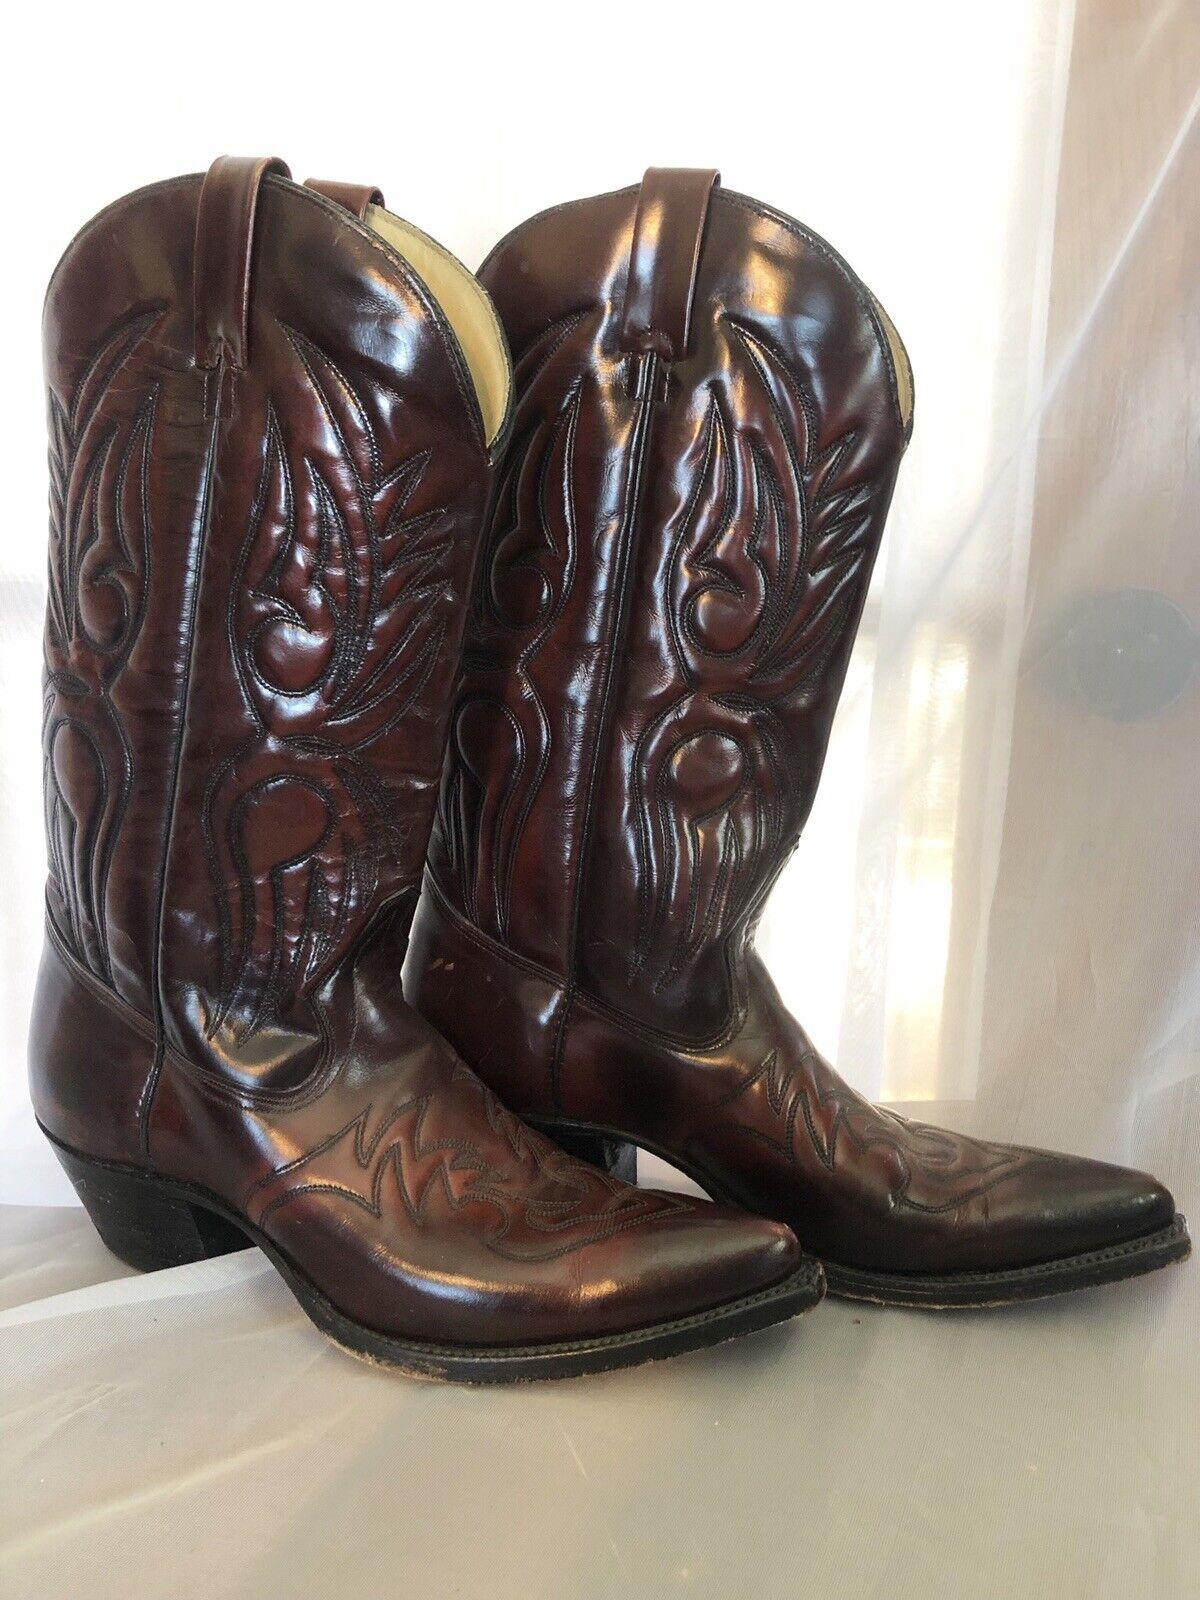 Por encargo botas Hombre Western Cowboy botas de montar Cuero Marrón Oscuro B